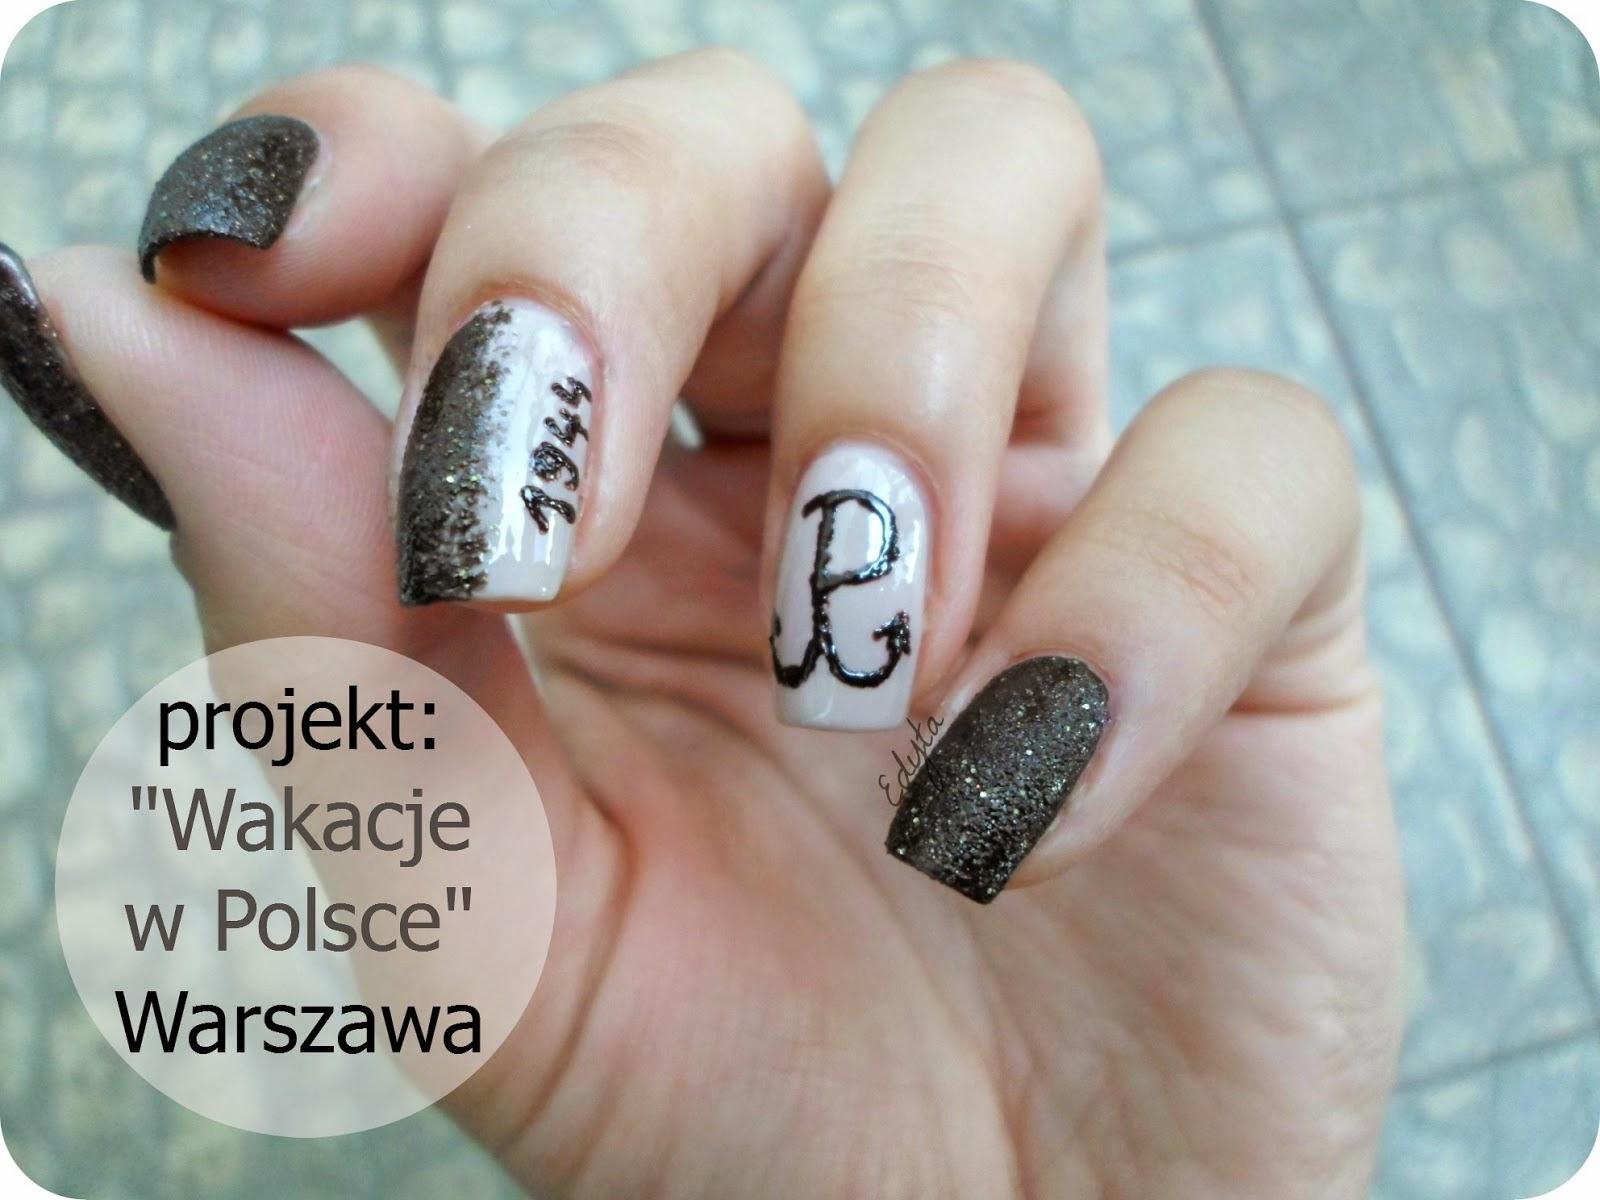 http://nailsandmore2.blogspot.com/2014/08/wakacje-w-polsce-warszawa.html